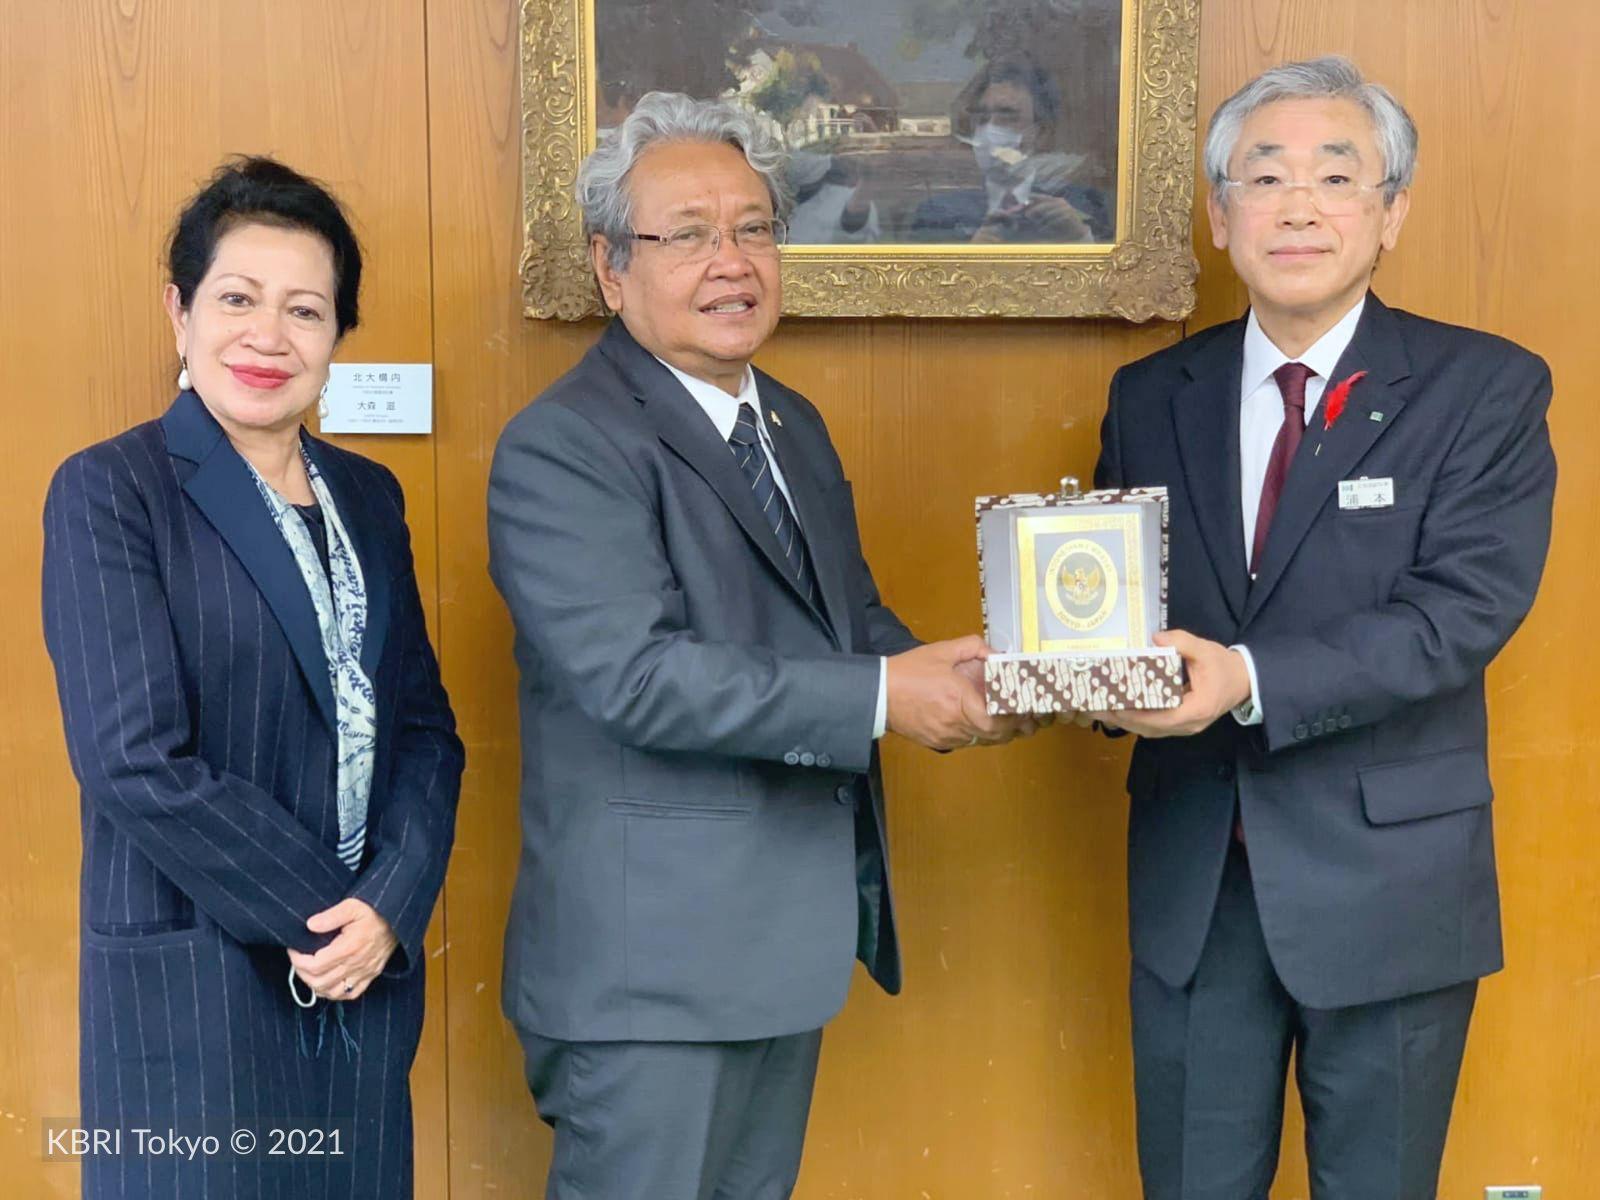 Dubes Heri ajak Prefektur Hokkaido Jepang manfaatkan kemudahan investasi di Indonesia